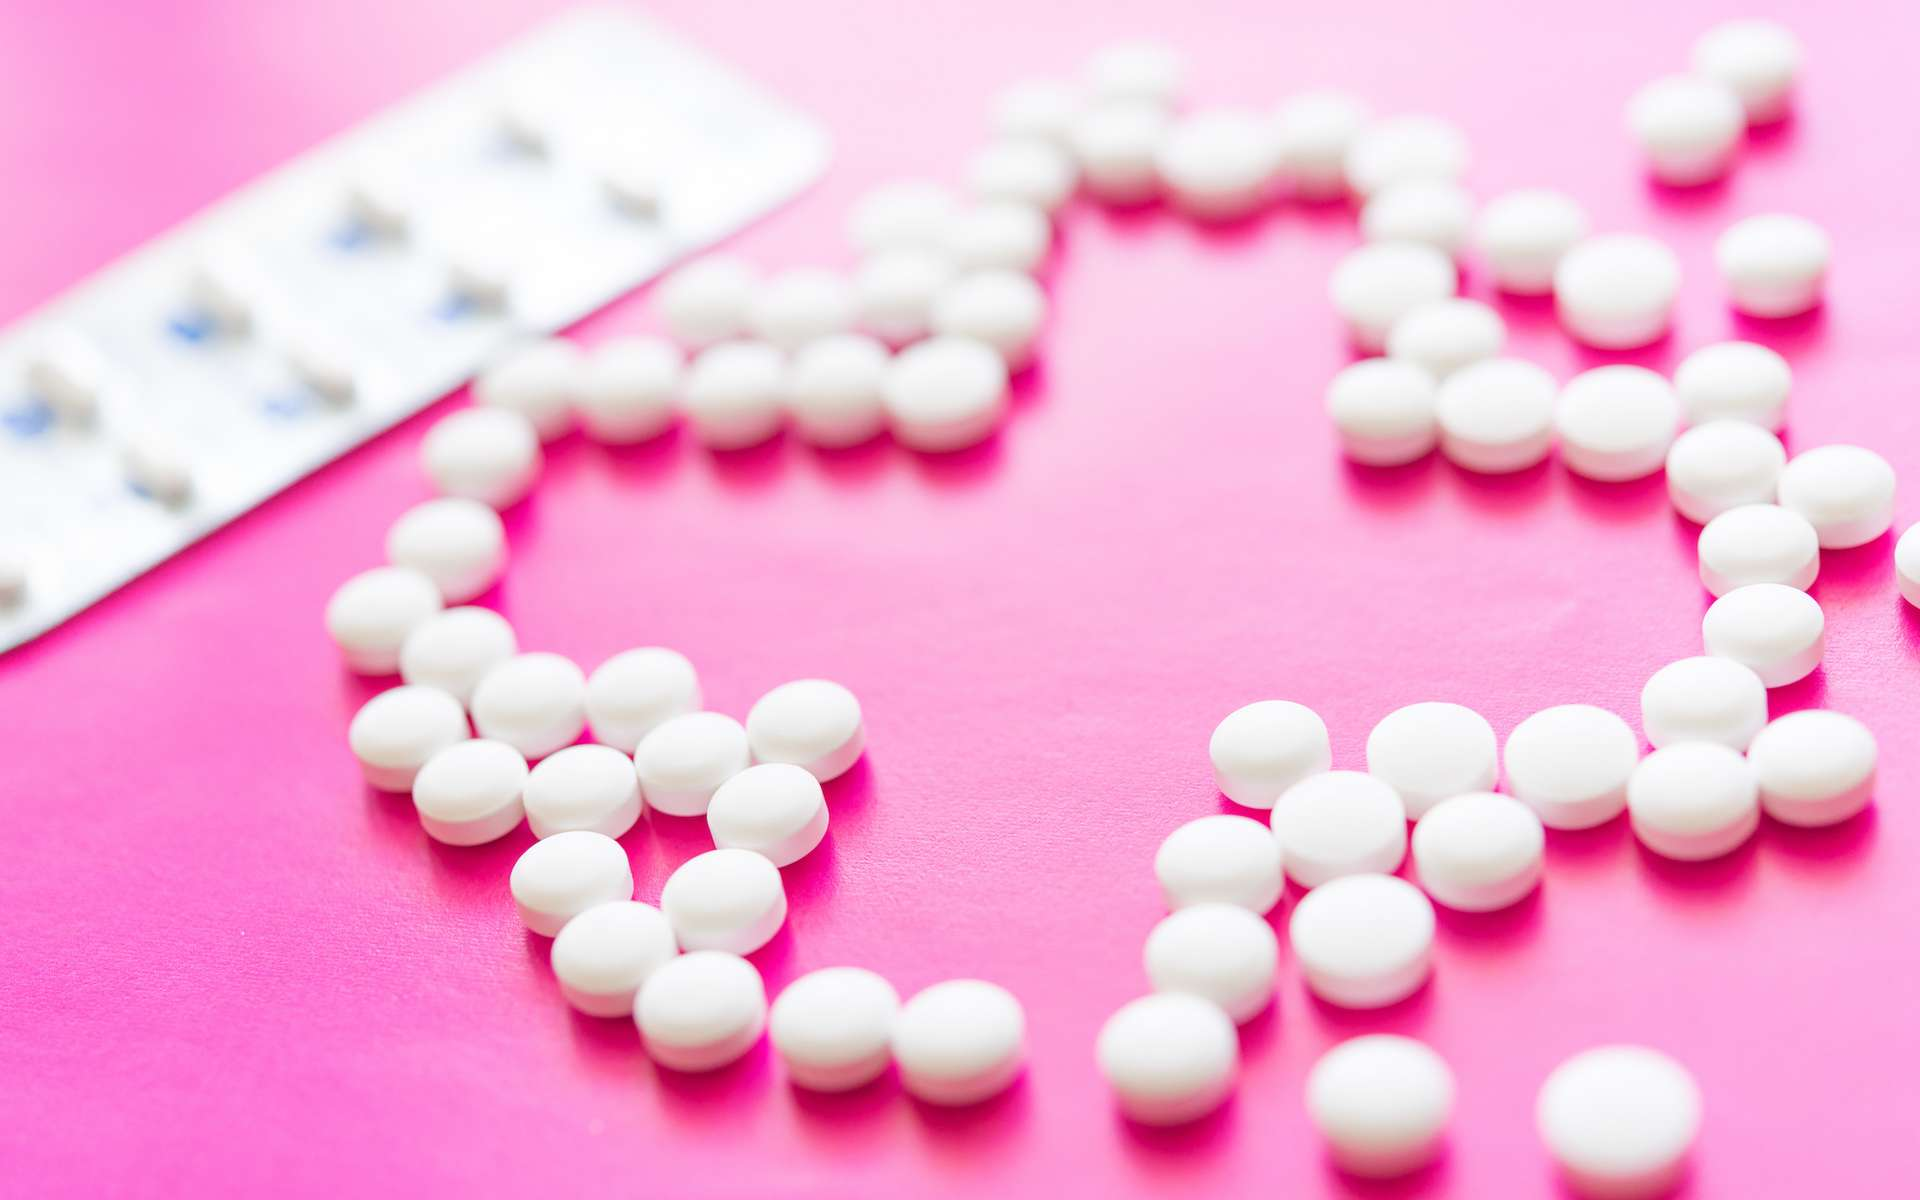 Les corticoïdes sont très efficaces mais présentent des effets secondaires importants à forte dose et à long terme. © sharaku1216, Adobe Stock